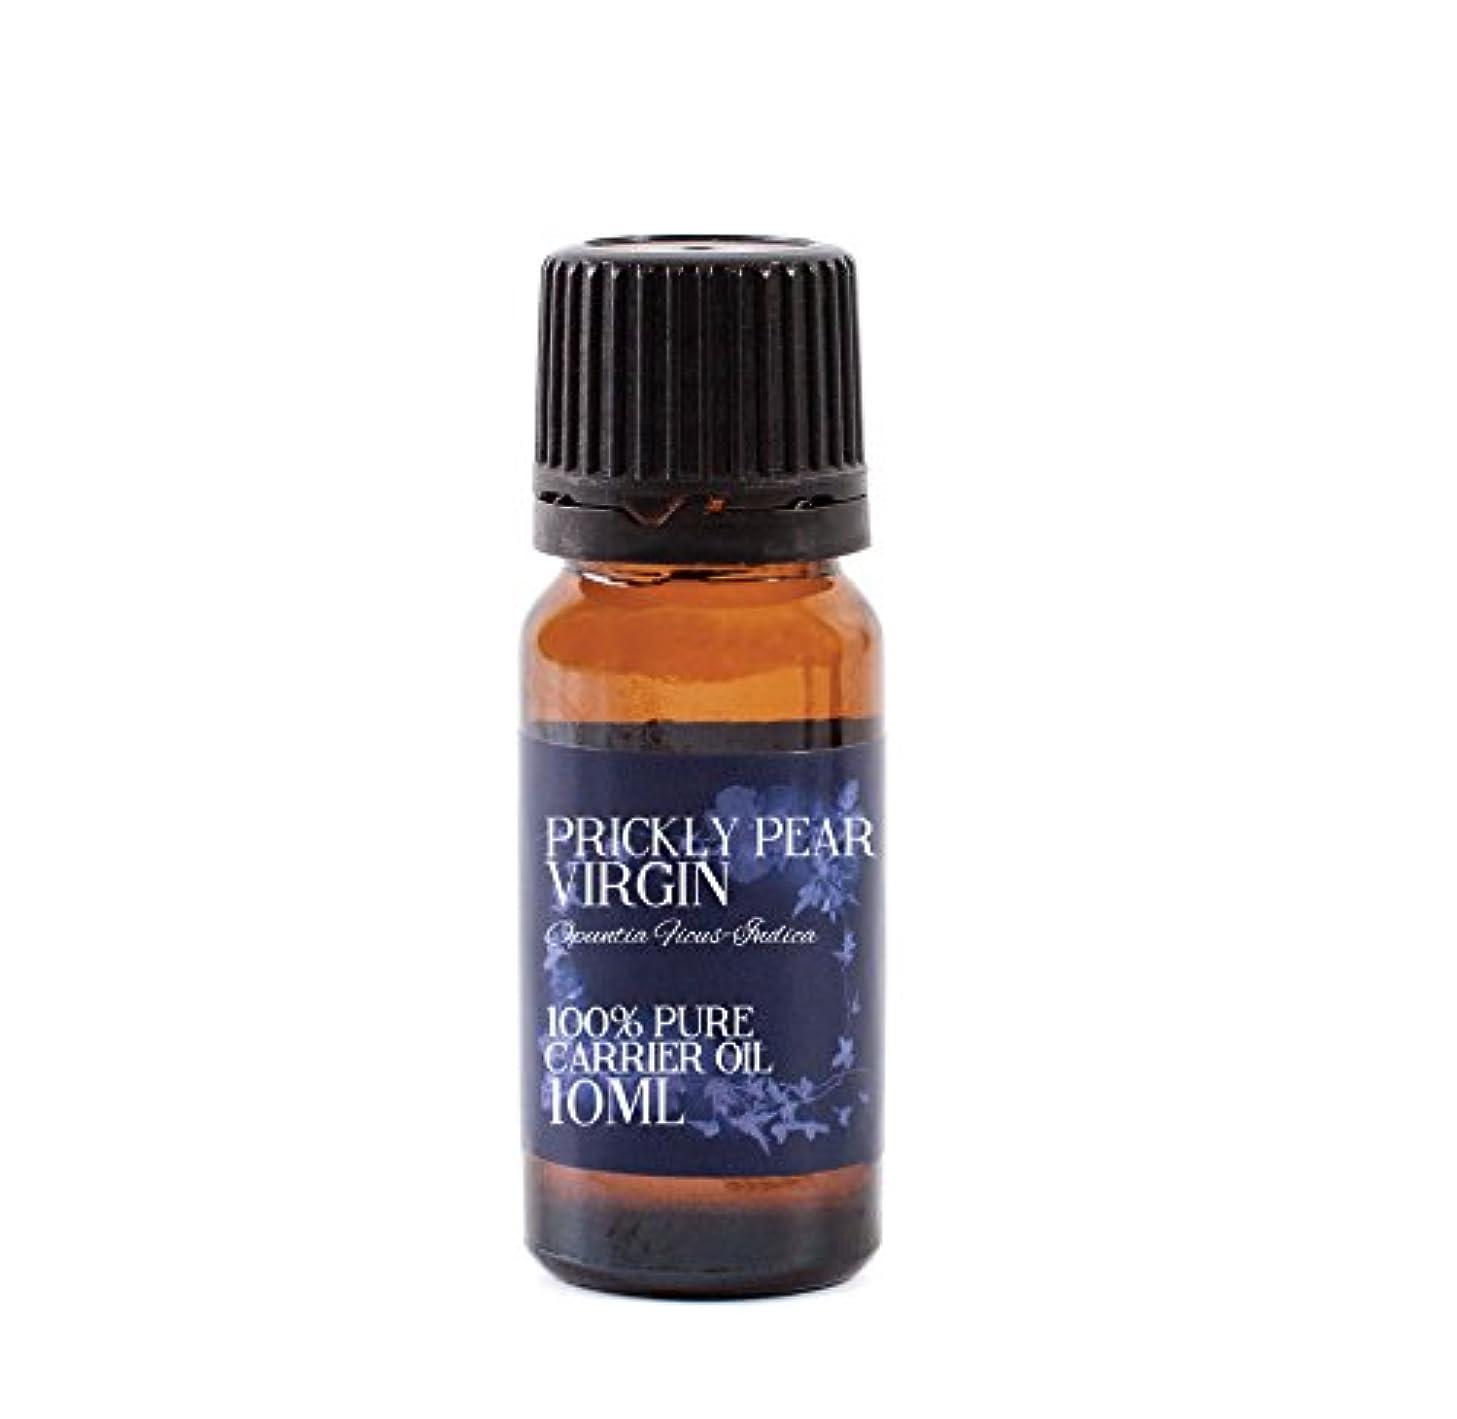 悪性腫瘍ひまわり削除するPrickly Pear Virgin Carrier Oil - 100% Pure - 10ml